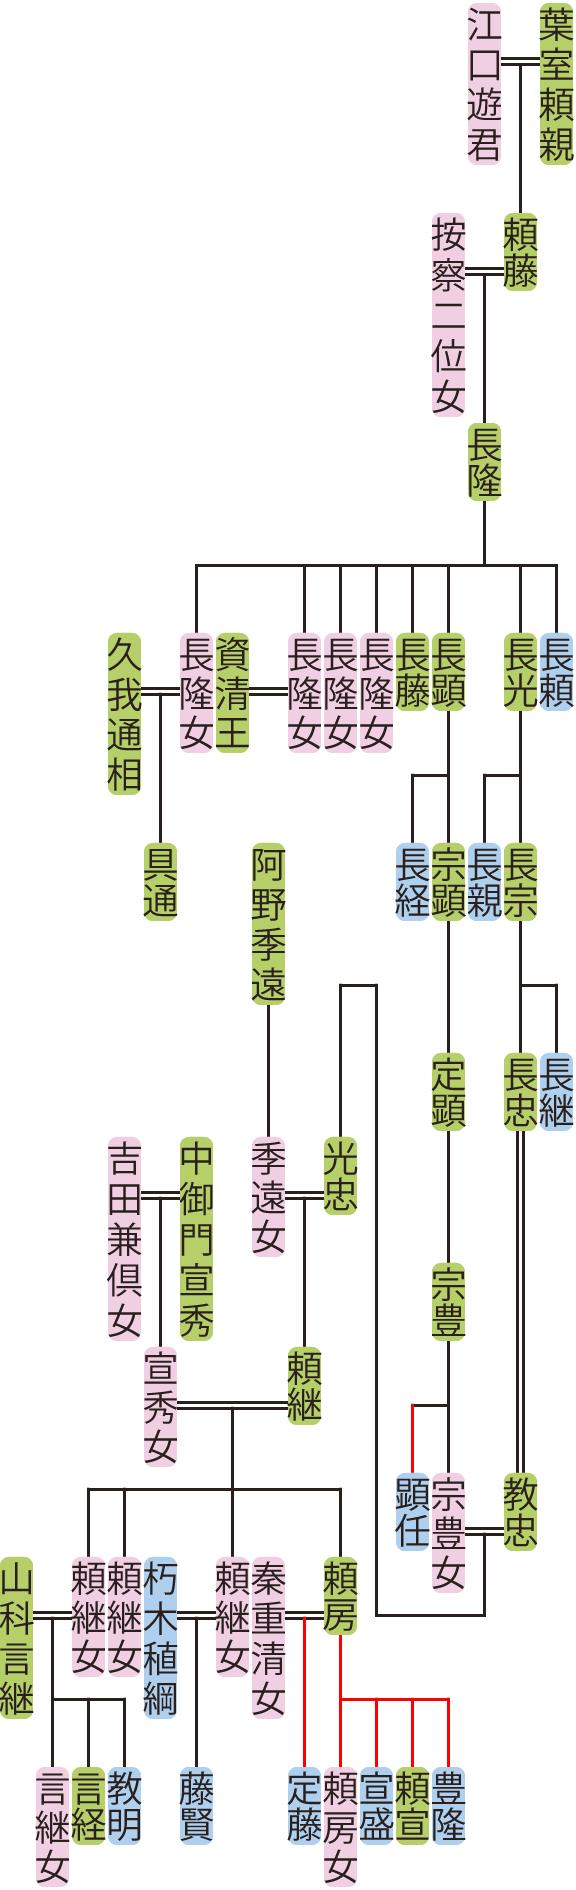 葉室長隆~頼継の系図